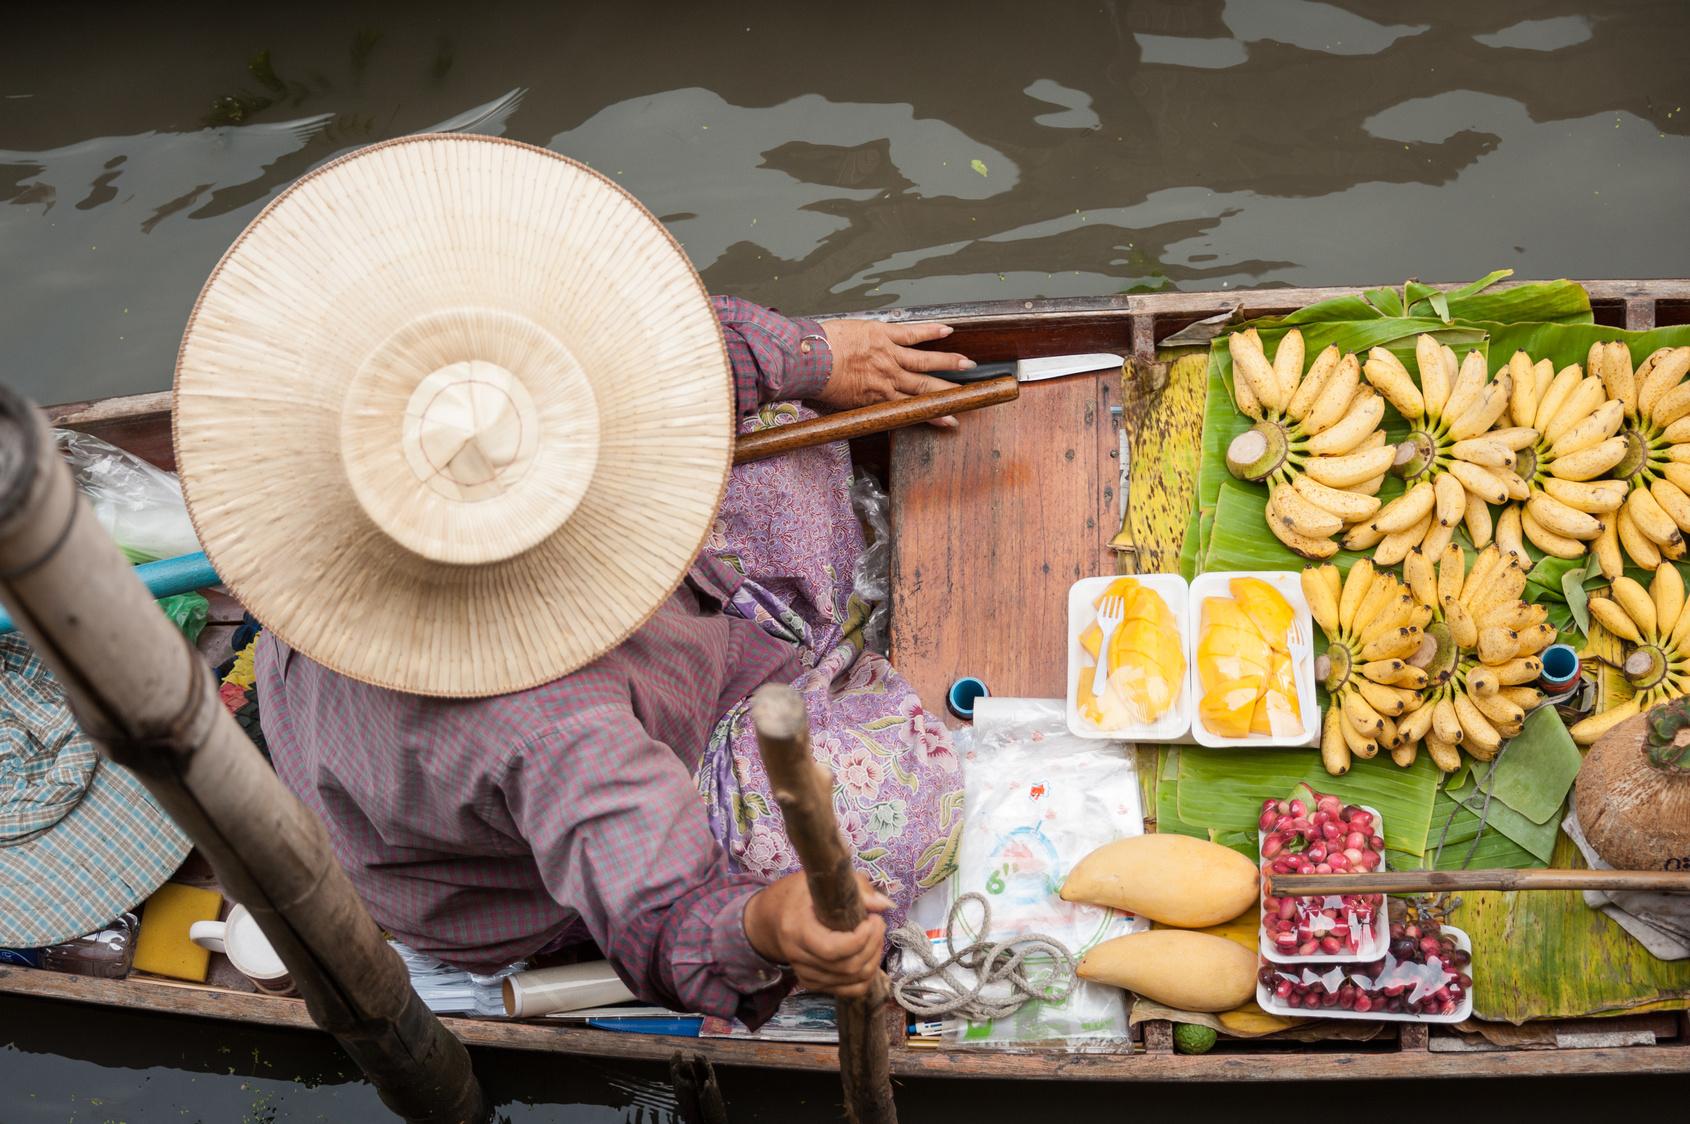 Único e exótico, conheça as culturas de lugares que você nem imagianava | Foto: Randal / Fotolia